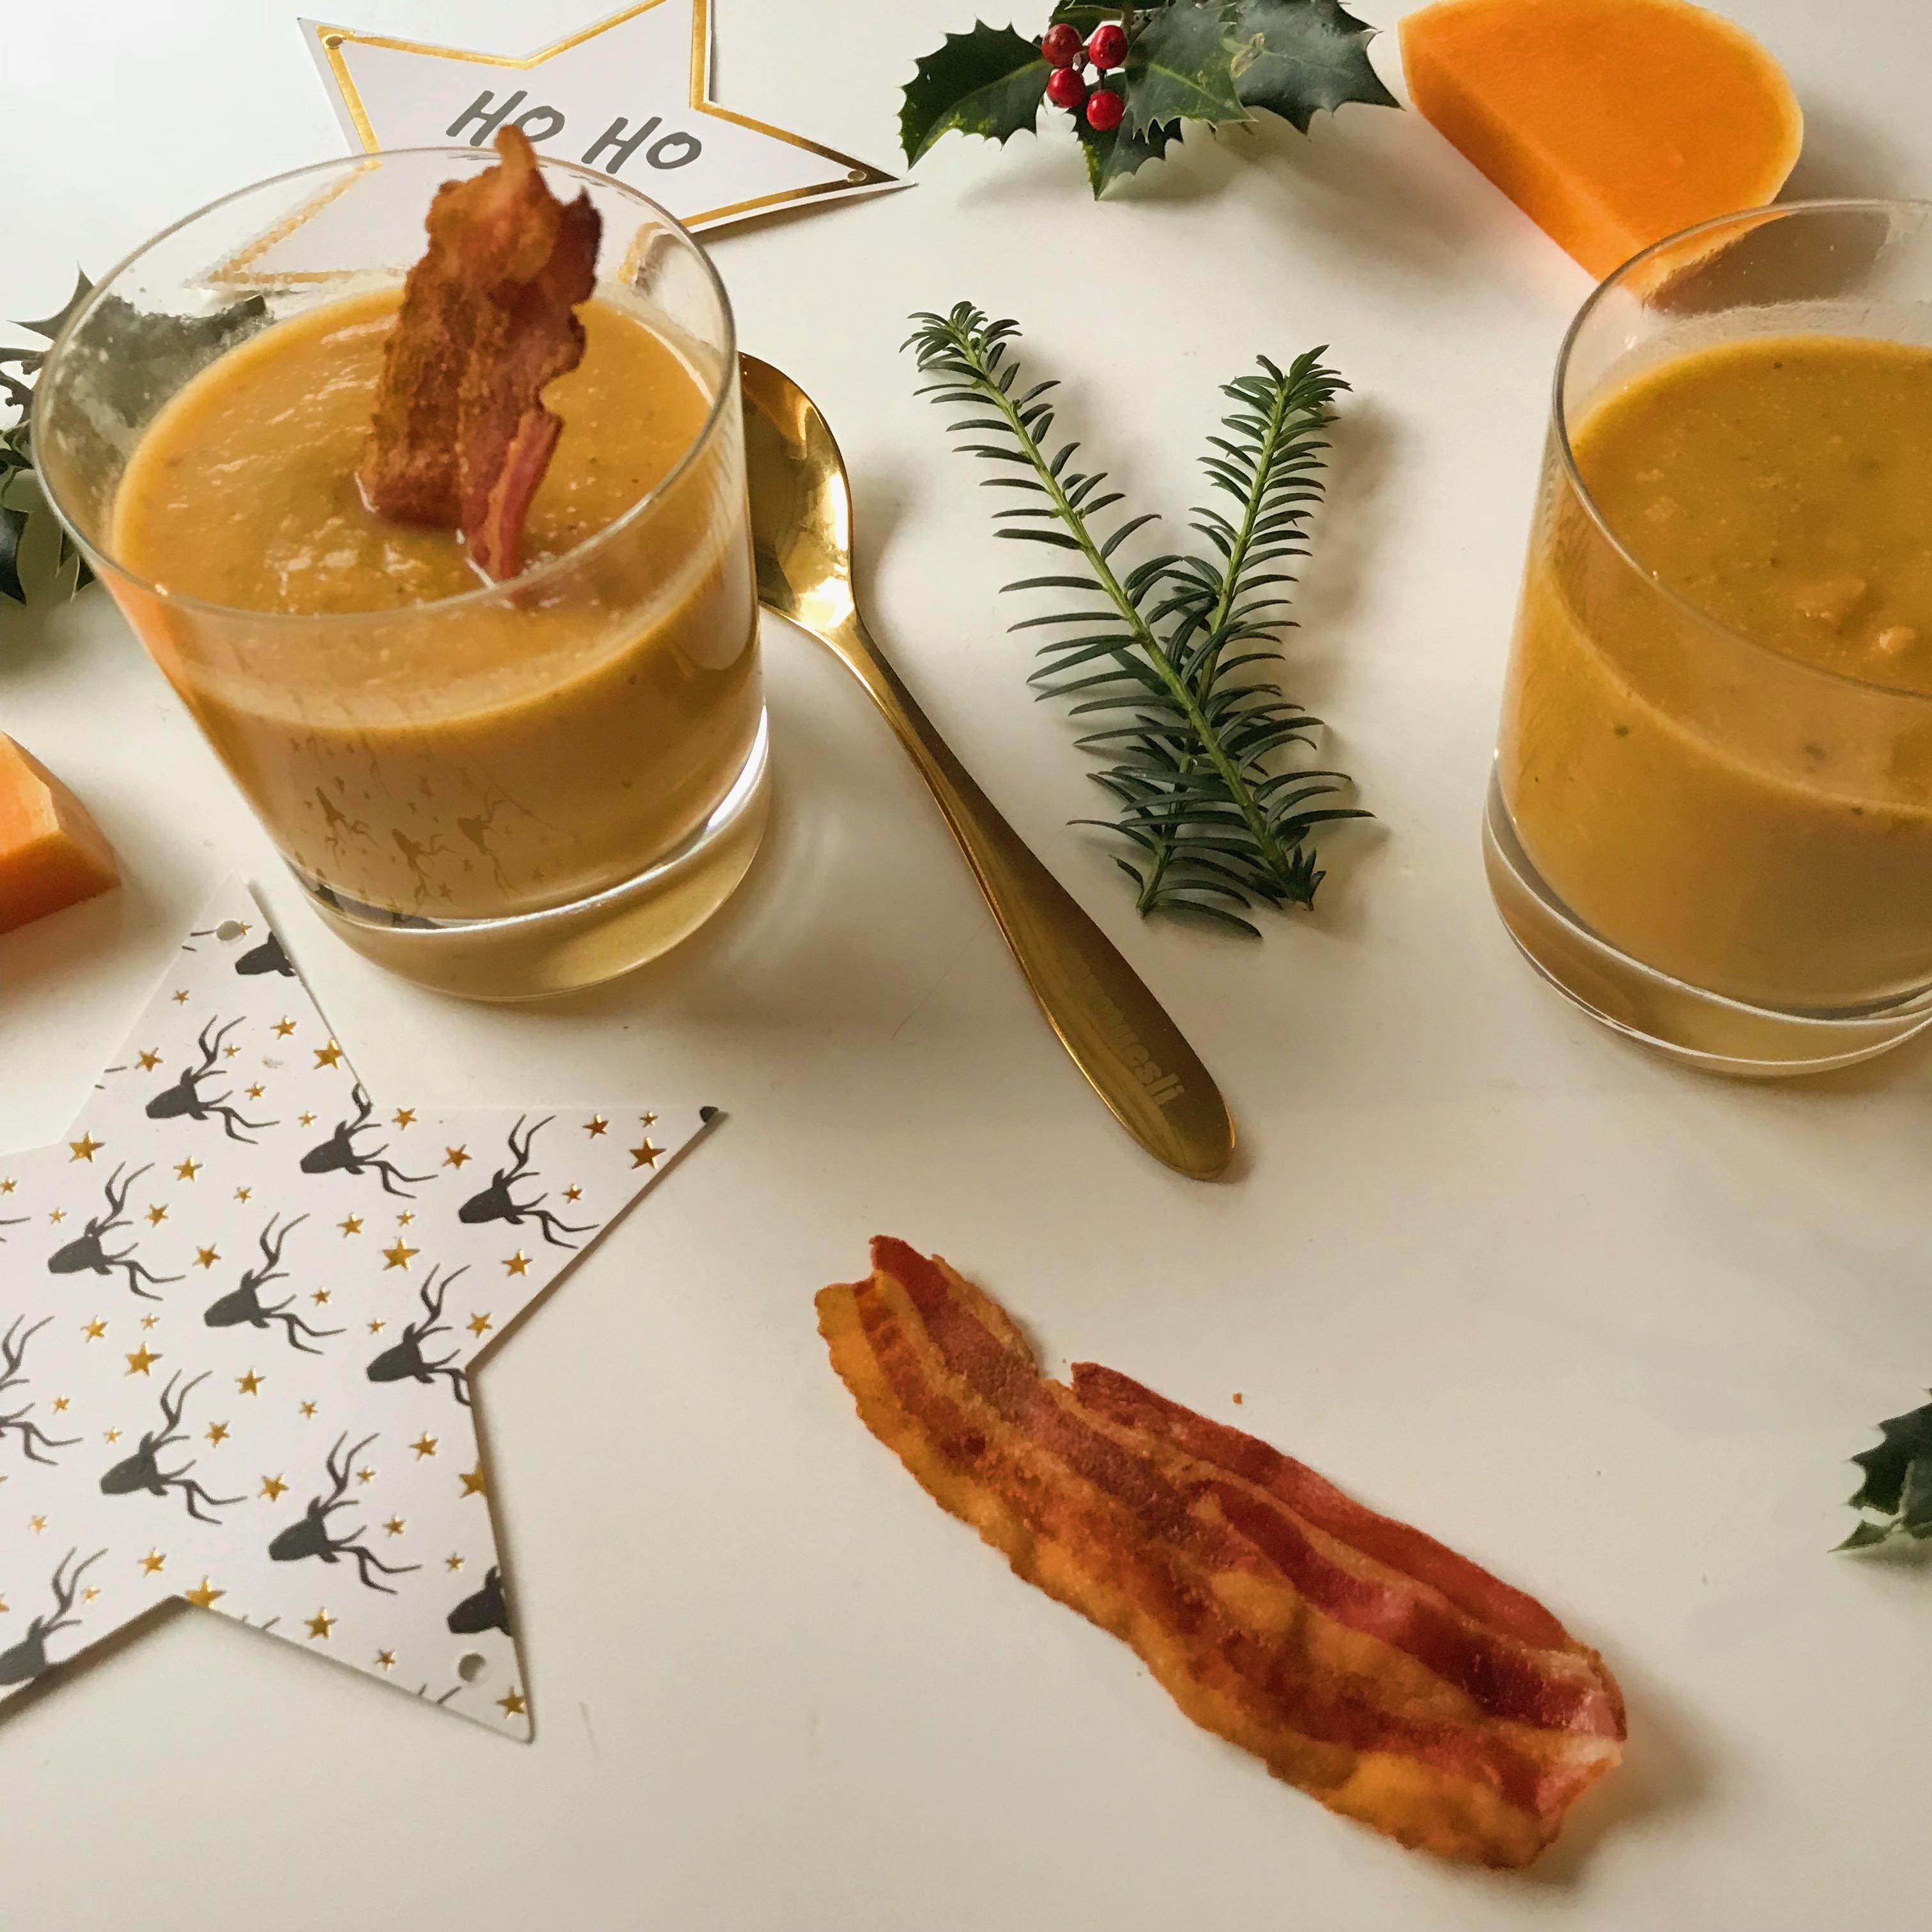 Kerst amuse: Pompoen soep in glaasjes